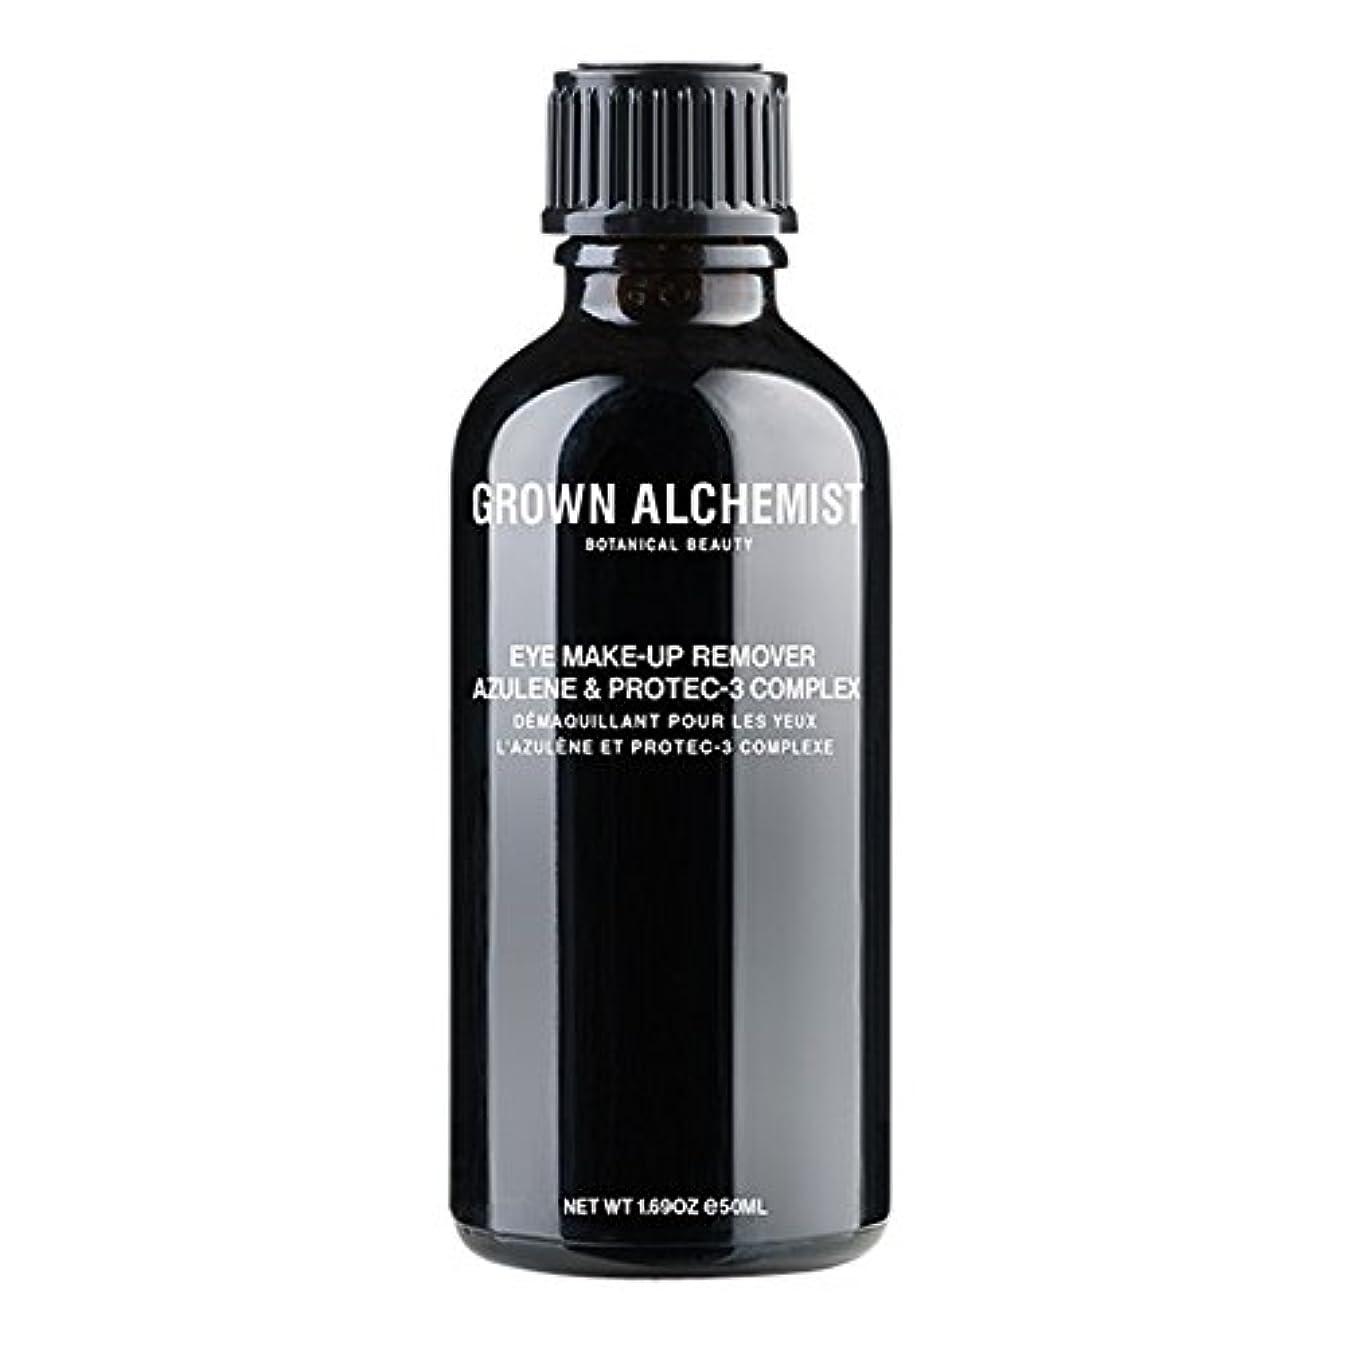 魔術災害対成長した錬金術師アズレン&Protec-3アイメイクアップリムーバーの50ミリリットル (Grown Alchemist) (x2) - Grown Alchemist Azulene & Protec-3 Eye-Makeup Remover 50ml (Pack of 2) [並行輸入品]